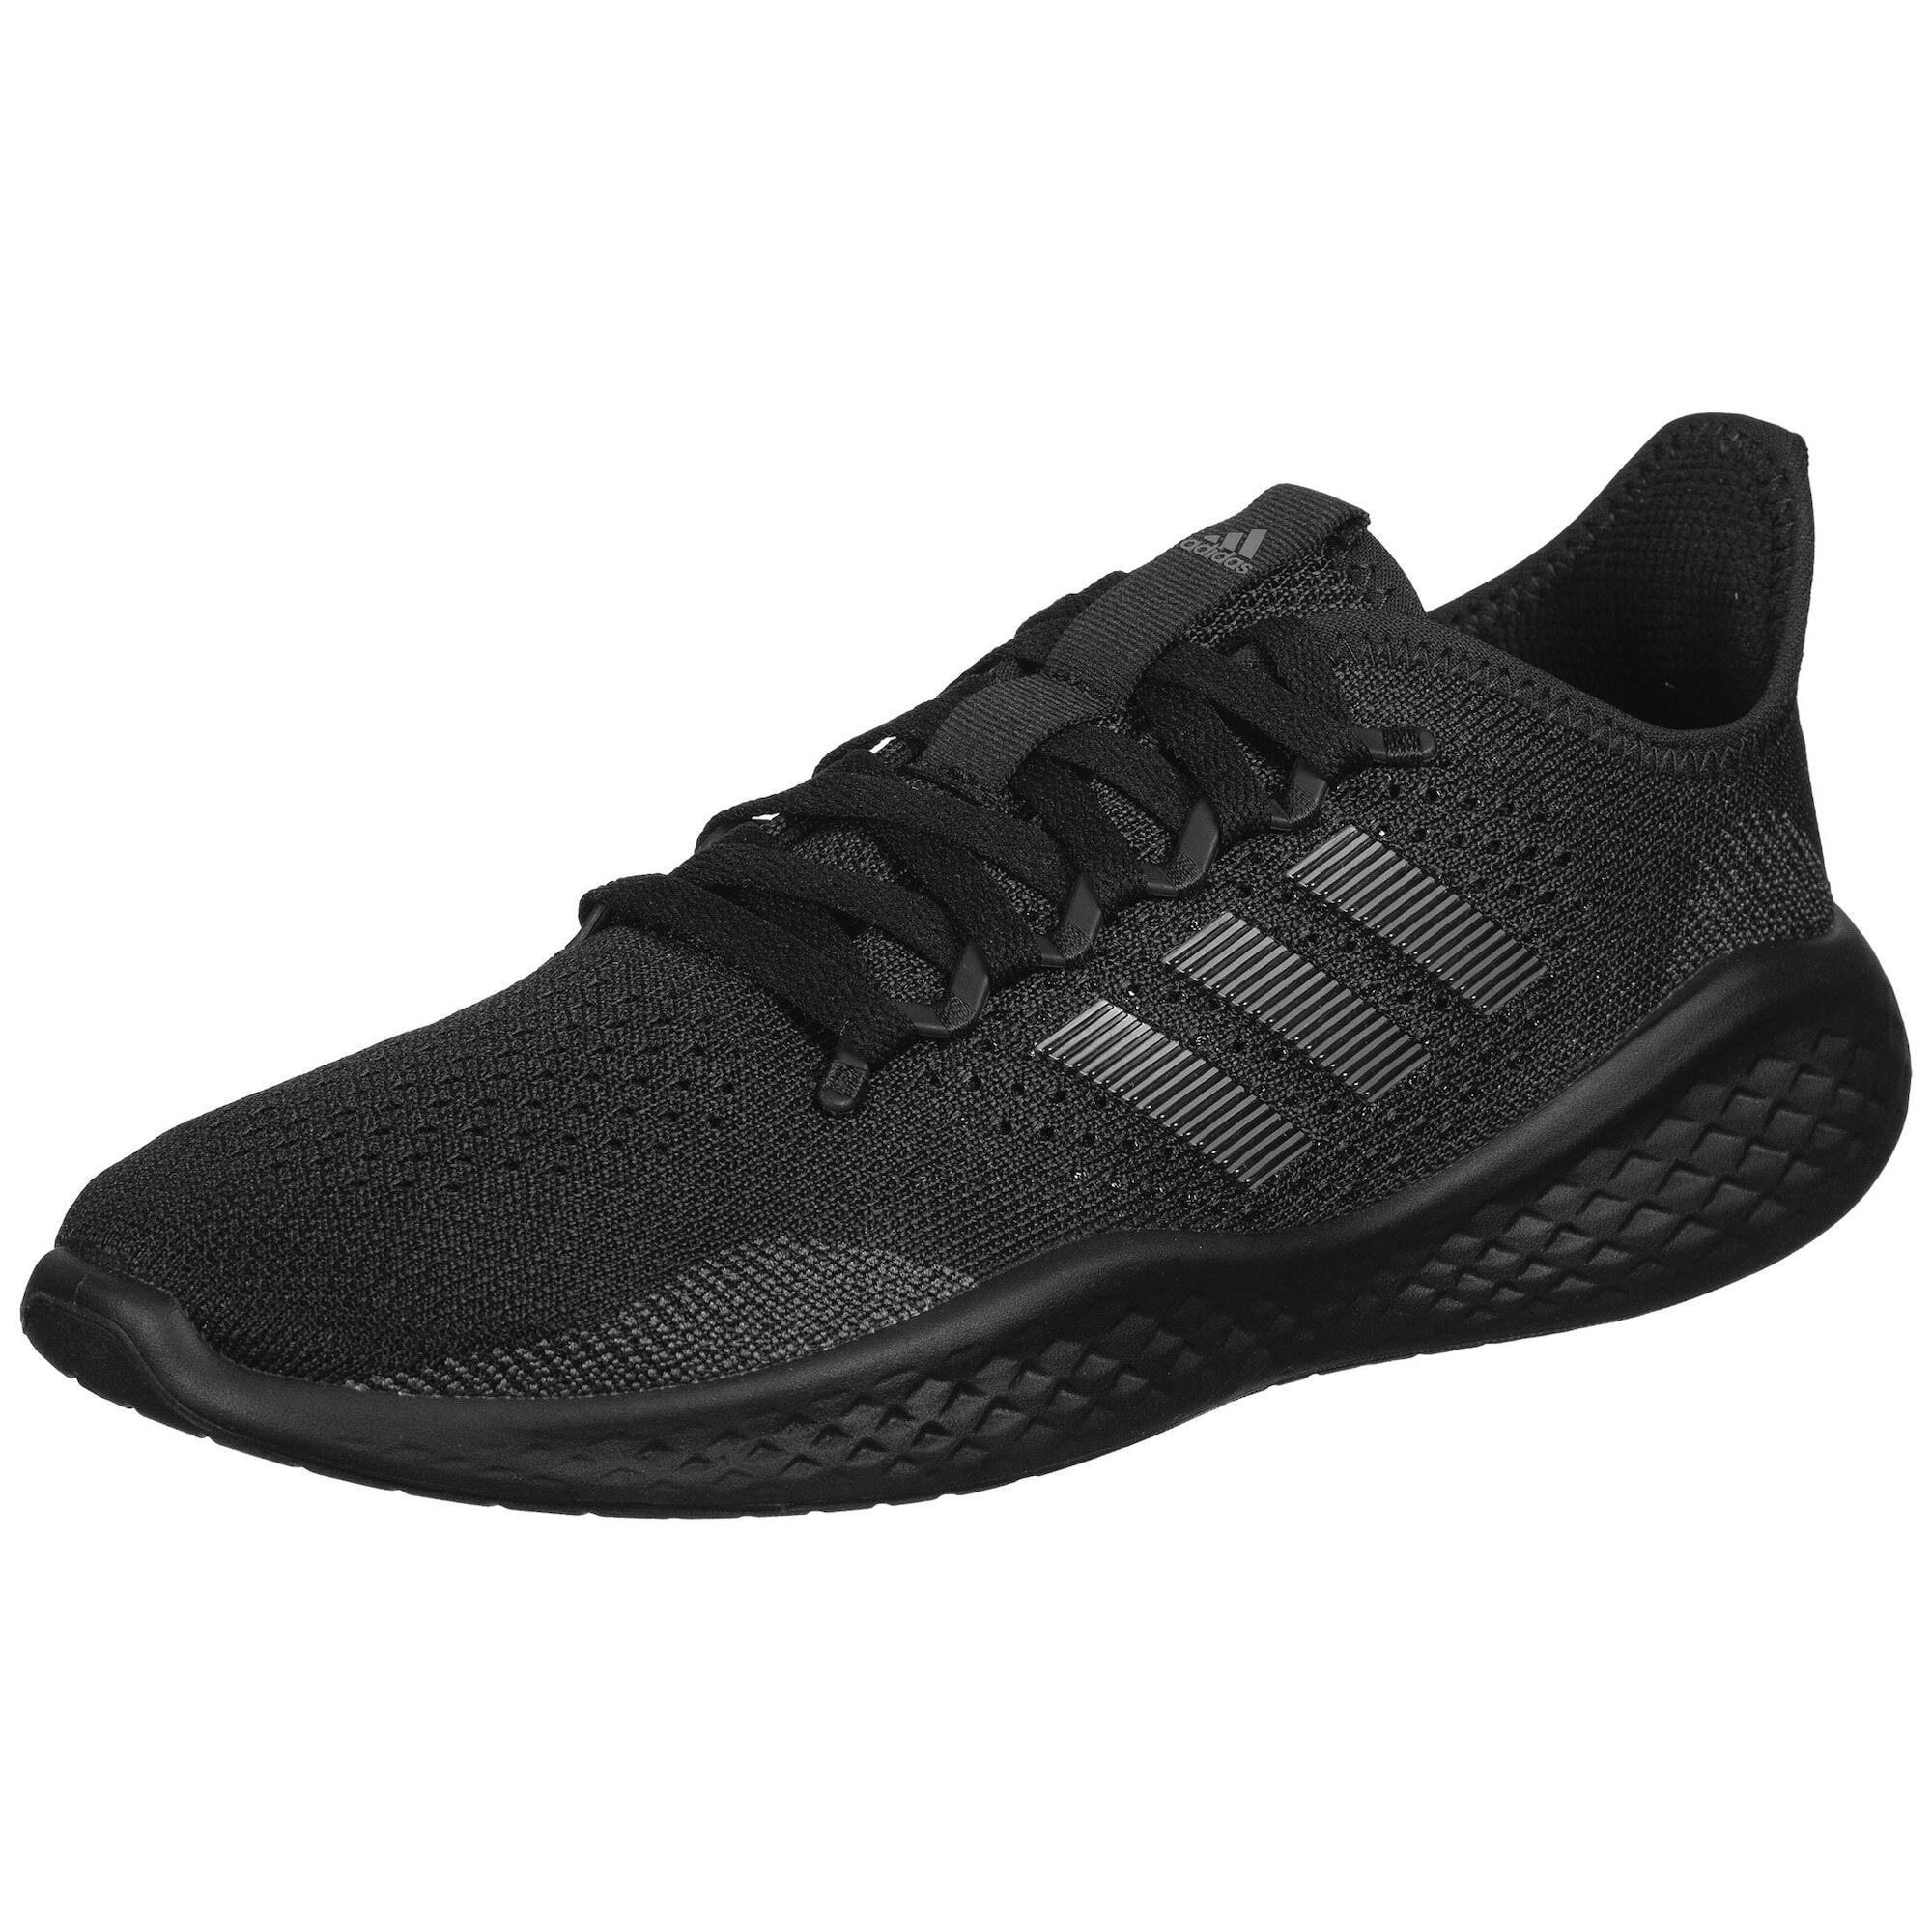 ADIDAS PERFORMANCE Chaussure de course 'Fluidflow 2.0'  - Noir - Taille: 41-41.5 - male